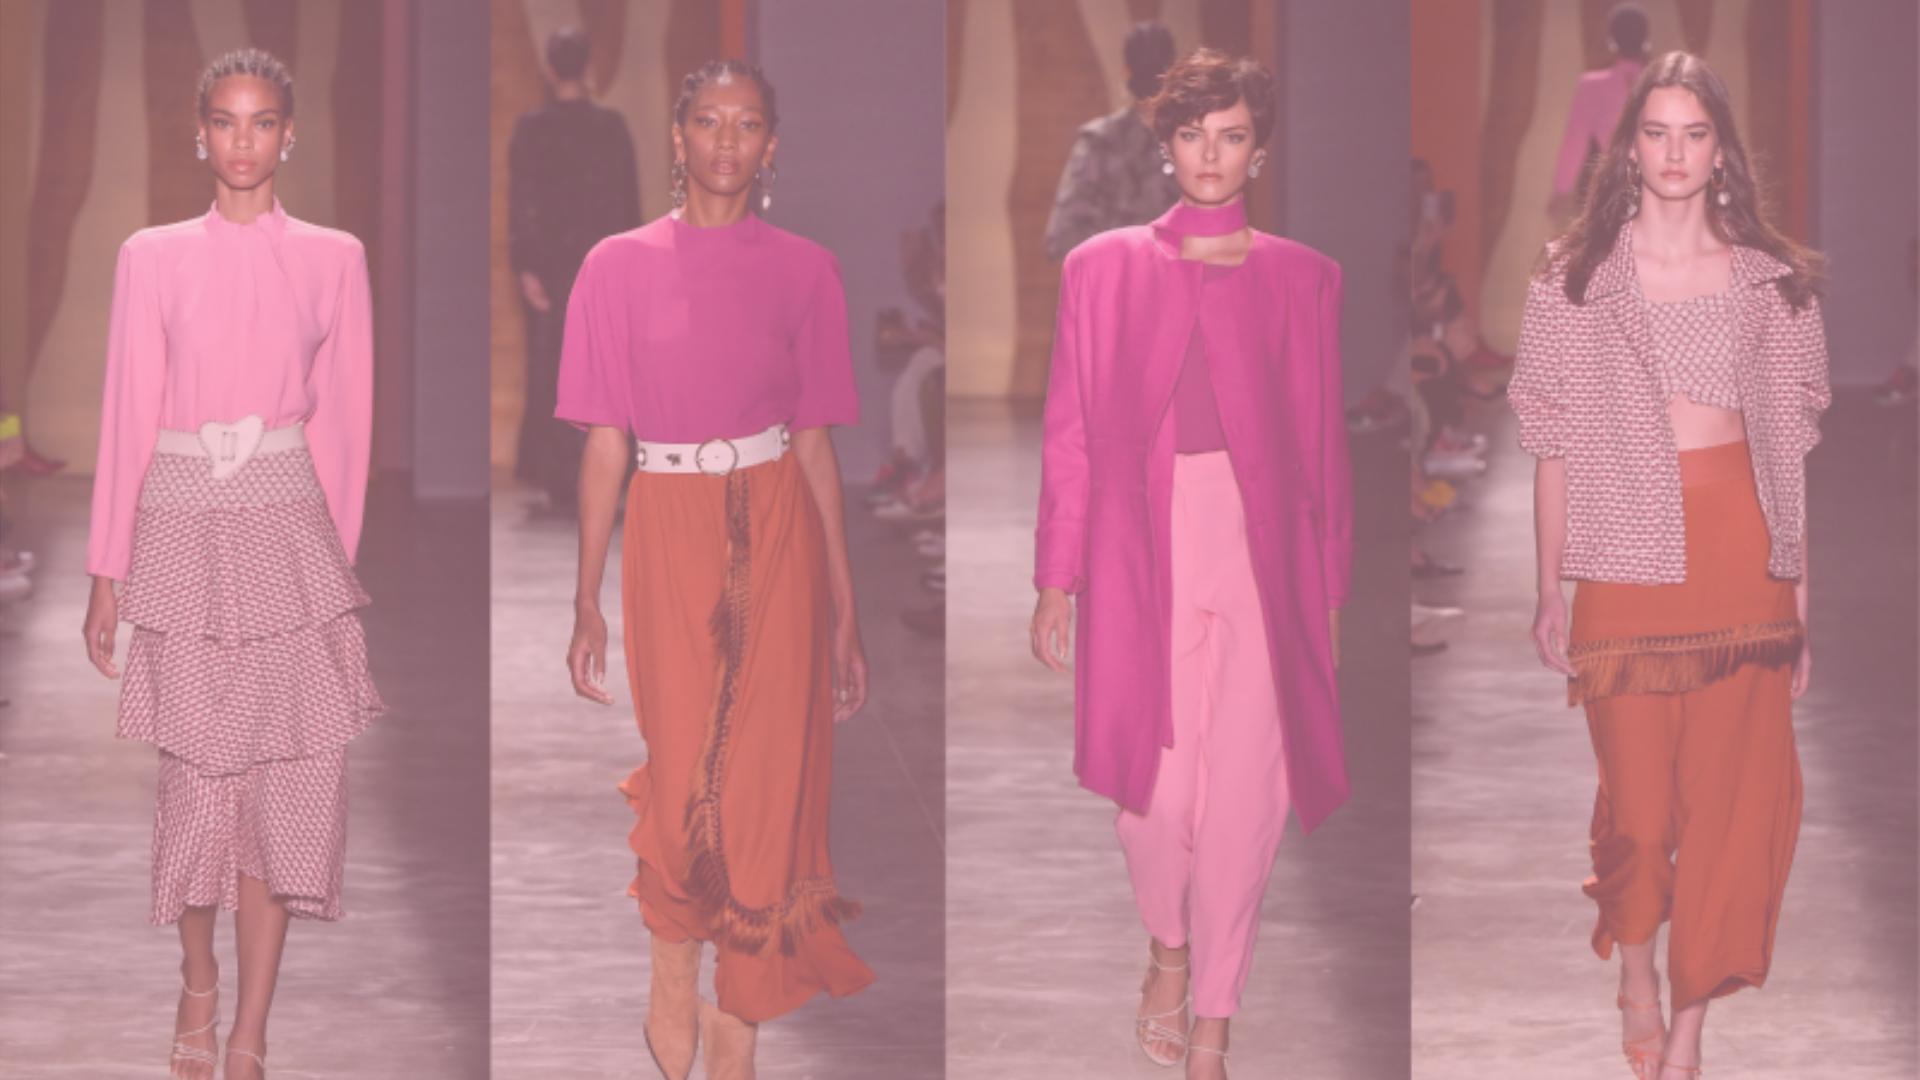 moda | spfw | spfw n 48 | spfw n48 | dicas de moda | tendencias de moda | inverno 2020 | moda 2020 | tendencias | estilo